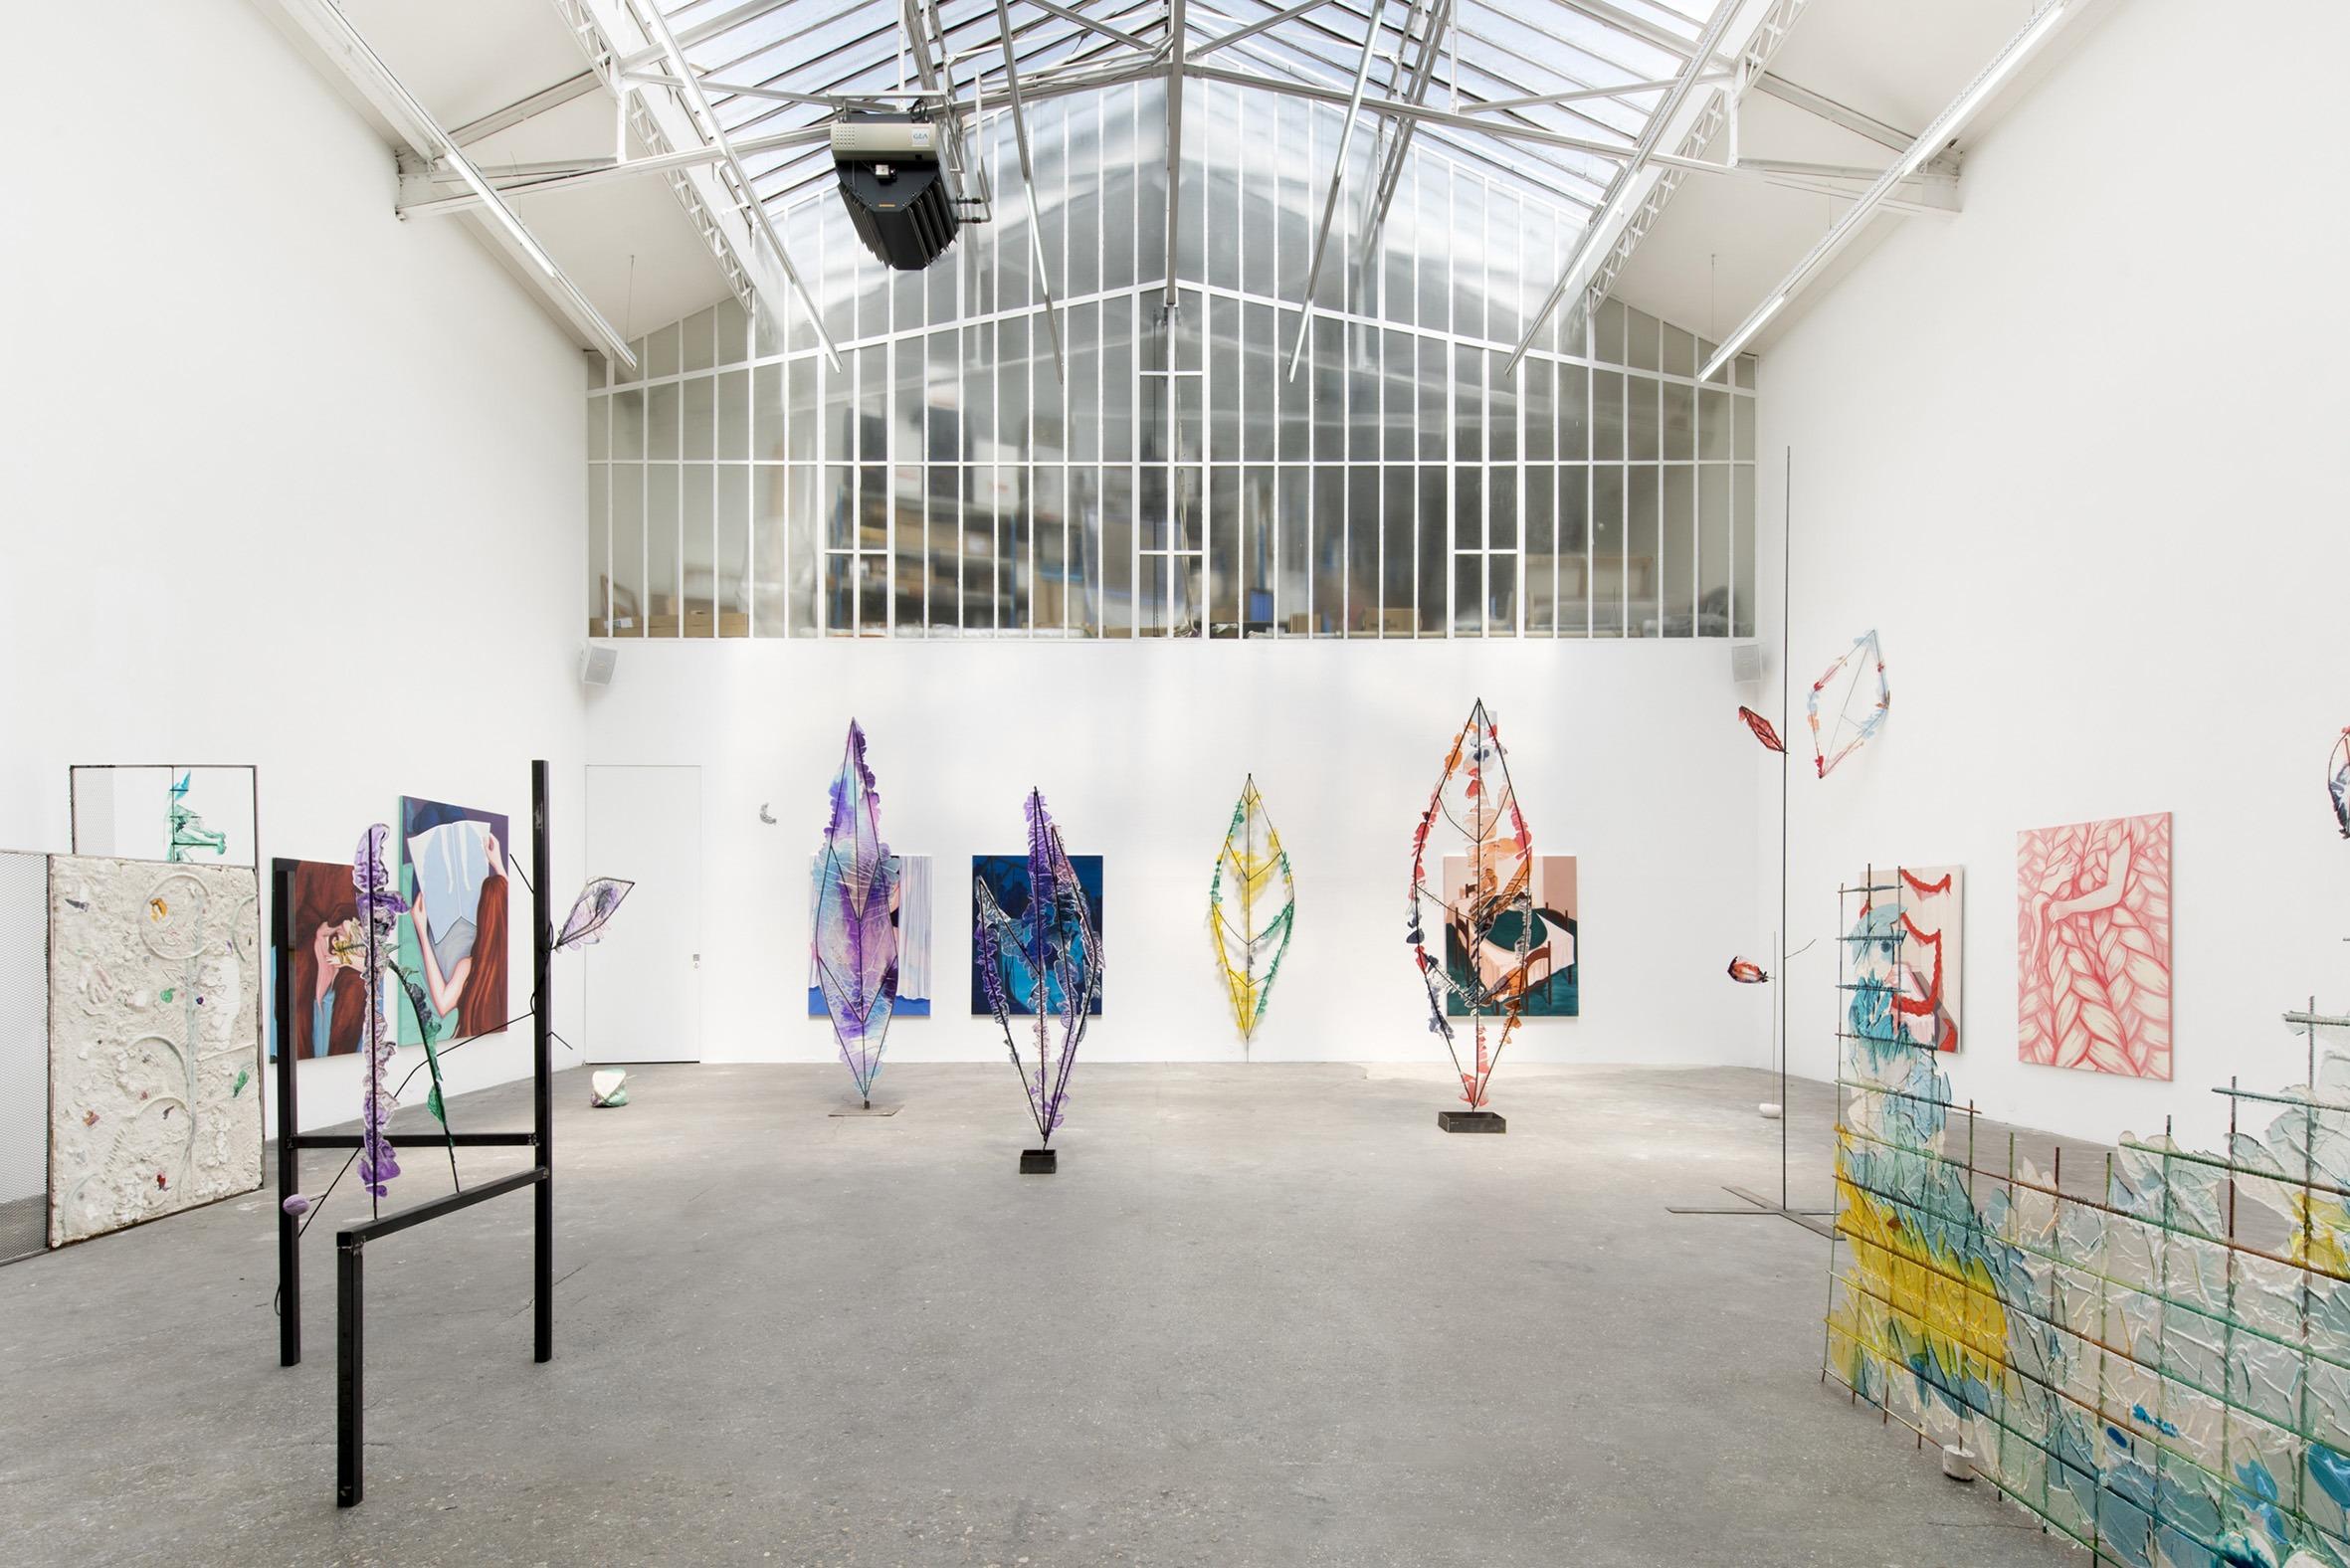 Biennale de la Jeune Création 2016 - La Graineterie, Houilles